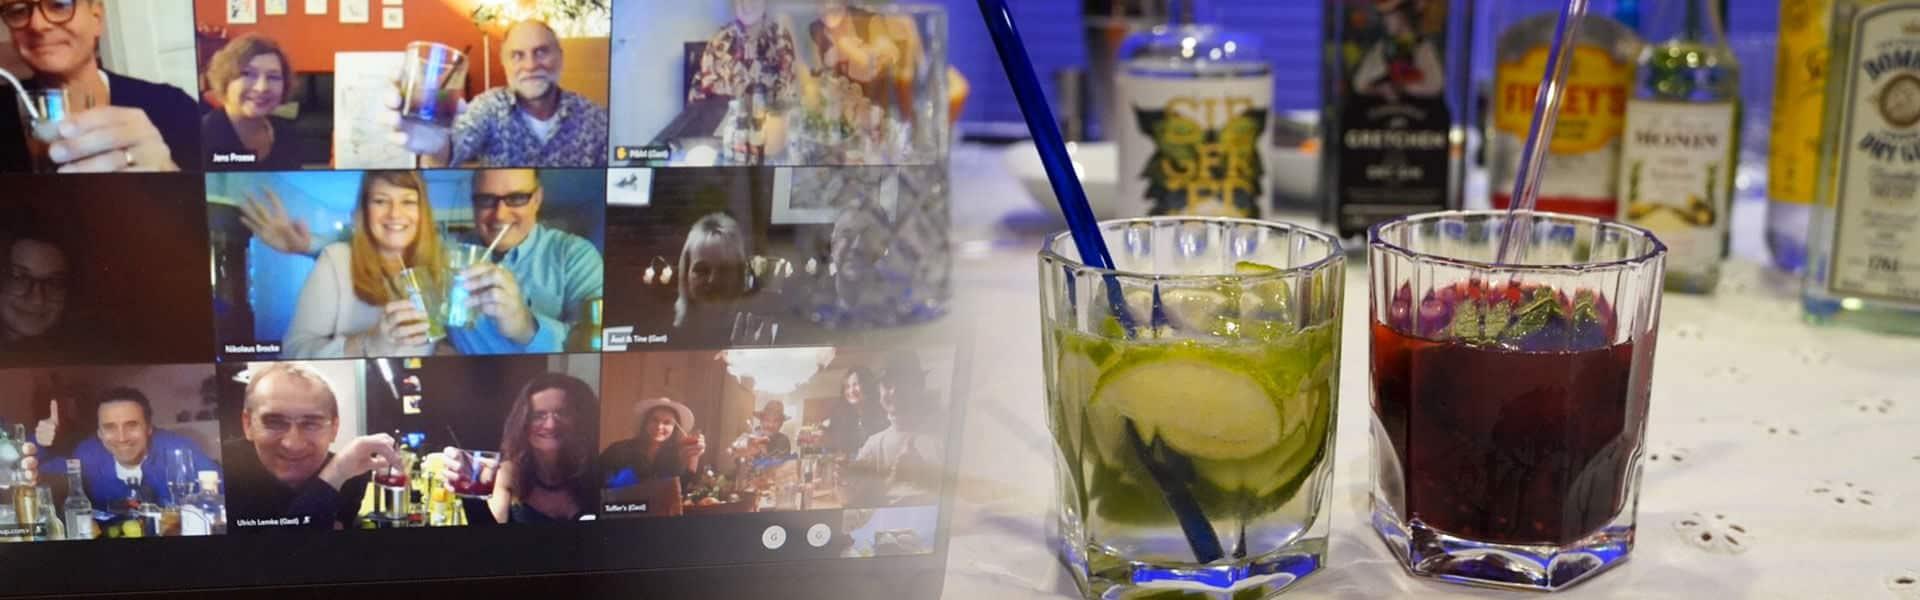 Virtueller Cocktailkurs mit DJ Party - Remote Teamevent von b-ceed